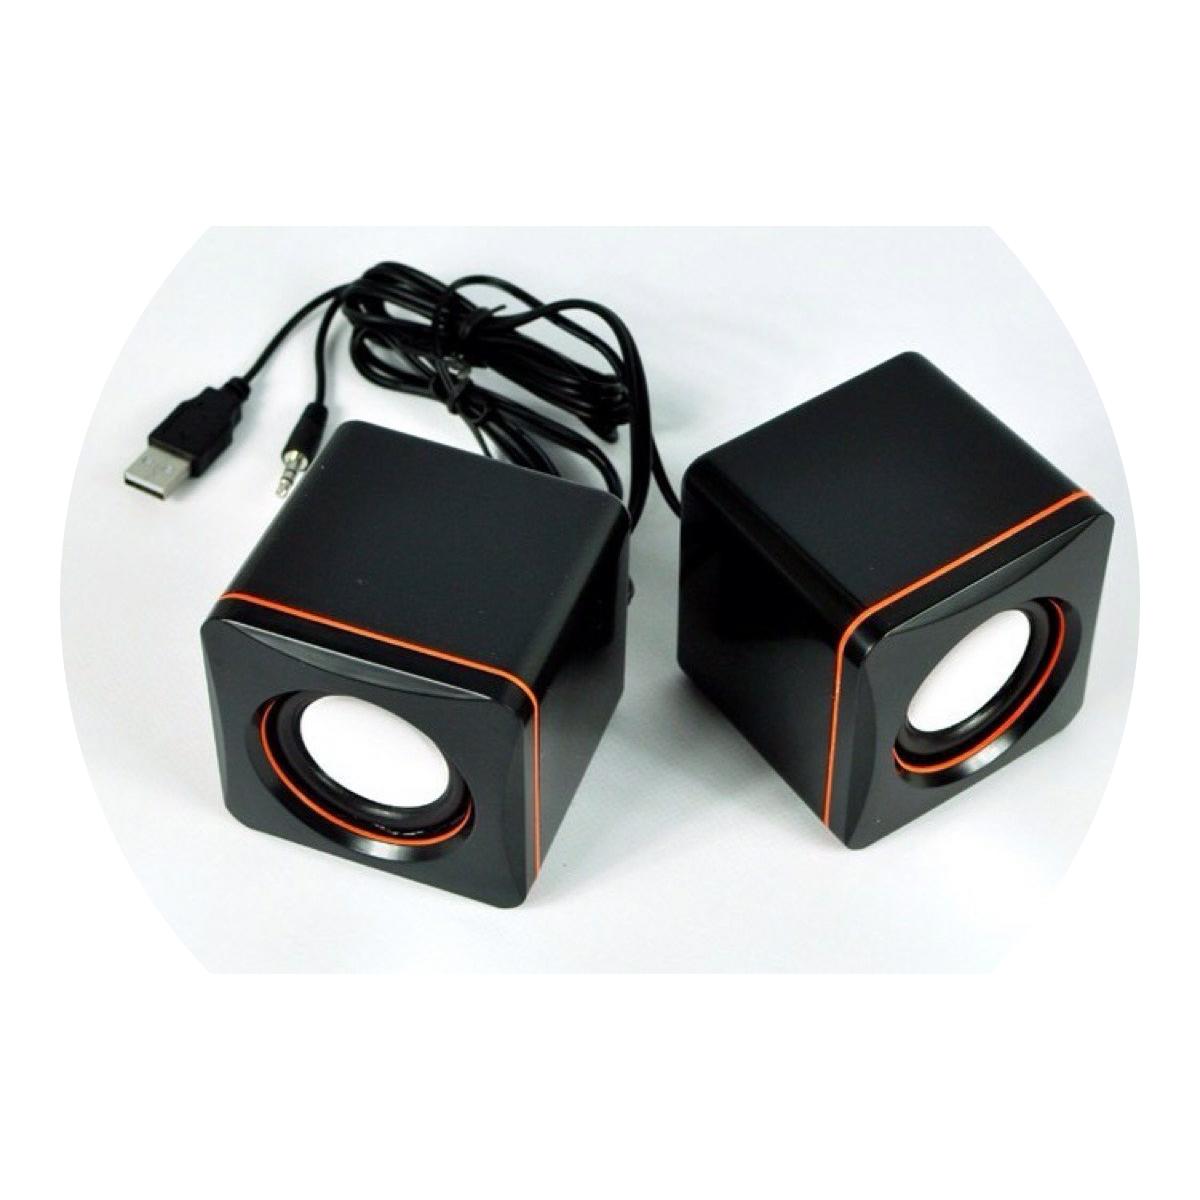 低音炮USB小音响手机店铺电脑台式音箱线家用插卡other/其他022。